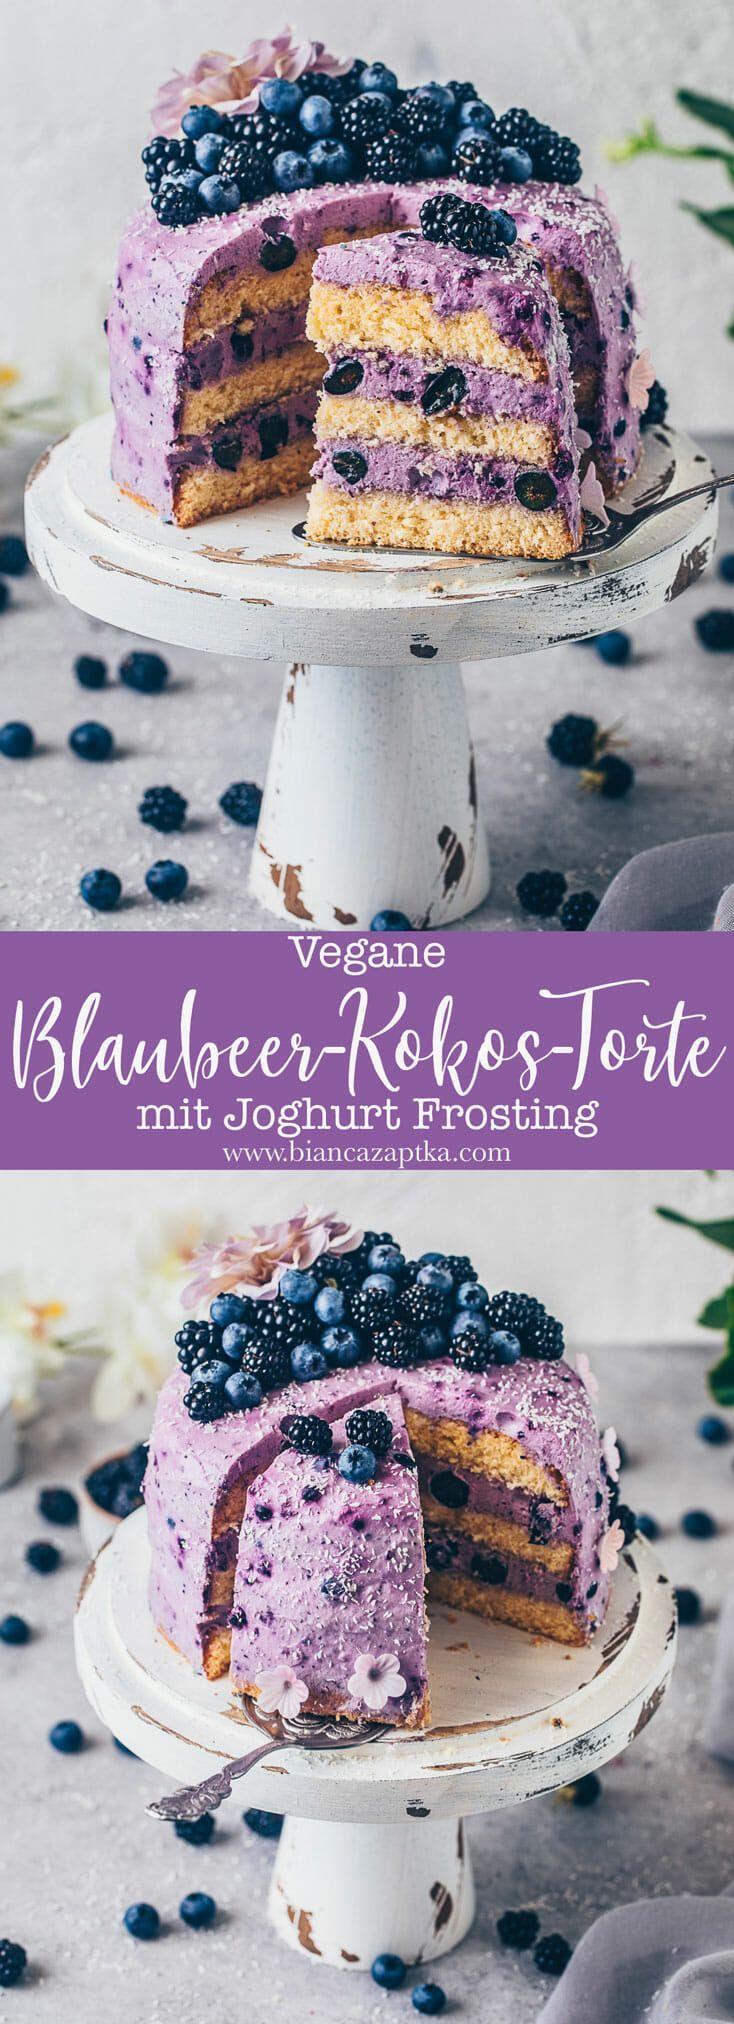 Diese saftige und fluffige vegane Heidelbeer-Kokos-Torte ist mit einem cremigen Blaubeer-Joghurt-Frosting geschichtet, das wunderbar erfrischend ist und wie eine leichte leckere Mousse schmeckt. Das Rezept ist milchfrei, ohne Eier, einfach zuzubereiten und perfekt für den Sommer!